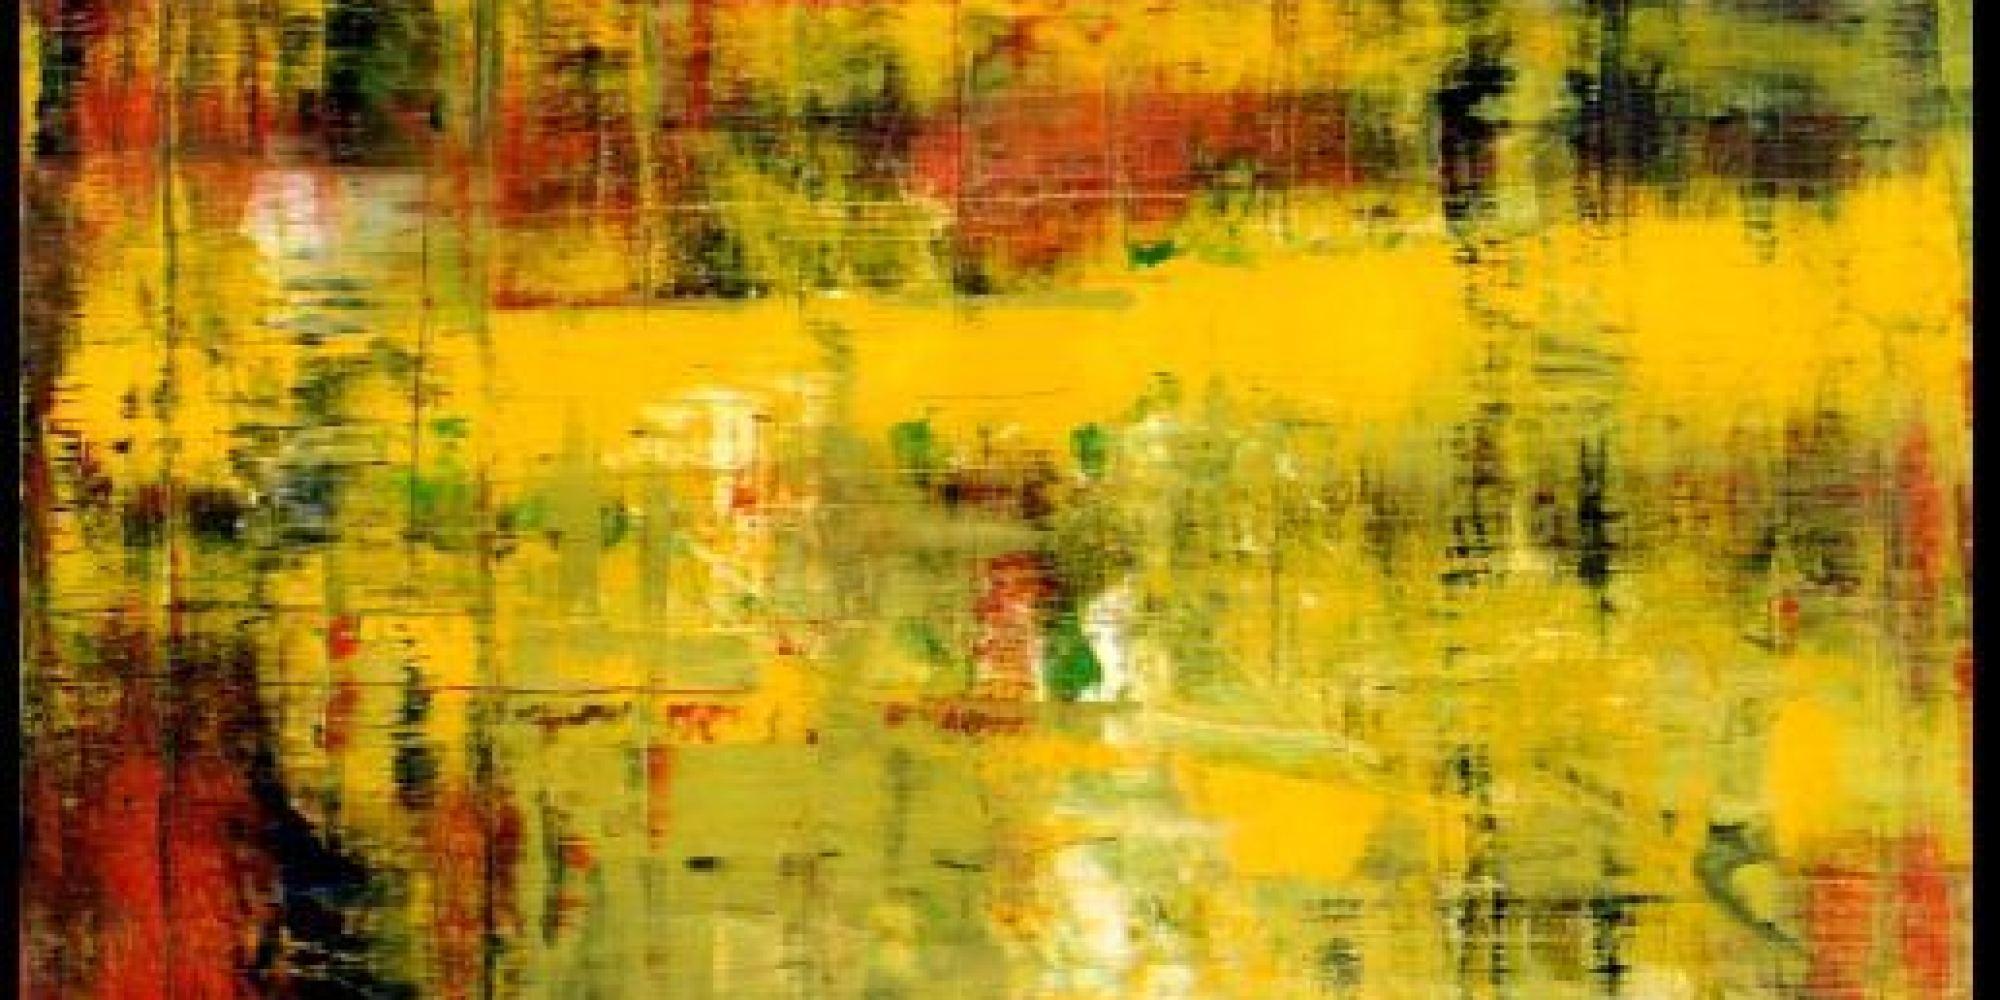 Pinturas de Gerhard Richter